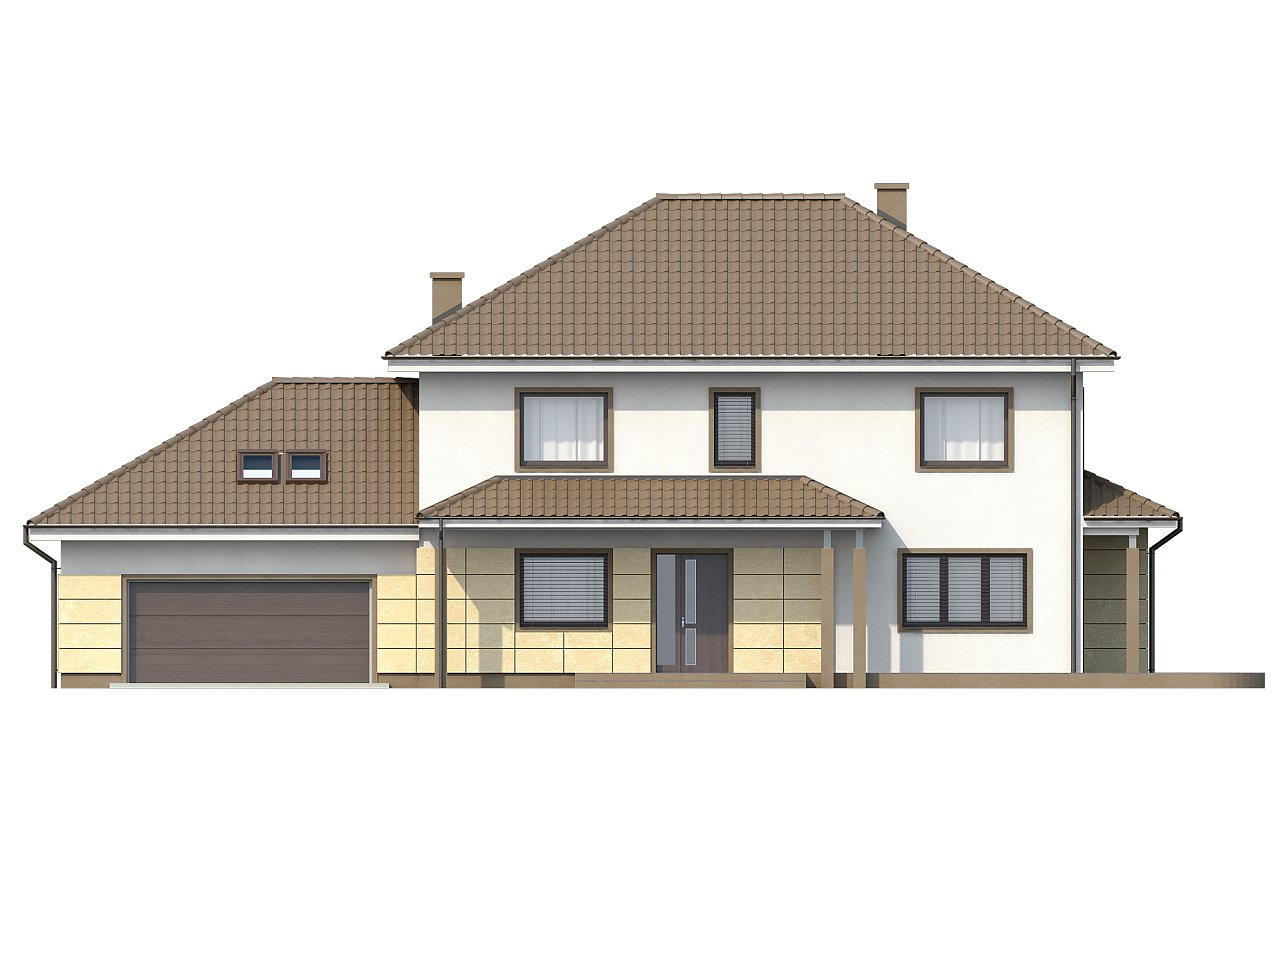 Просторный и функциональный двухэтажный дом с многоскатной кровлей и гаражом. - фото 3